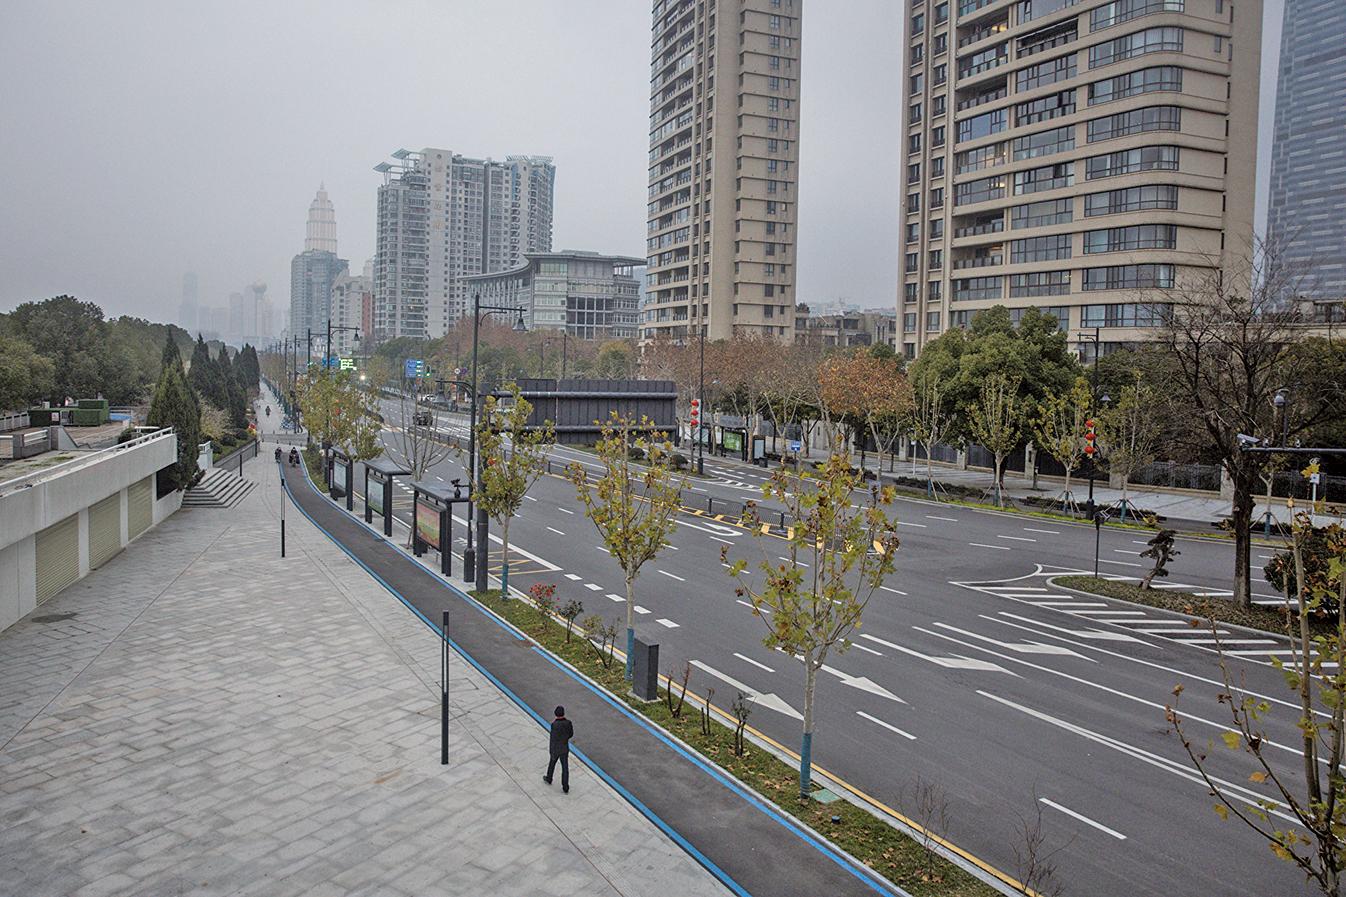 因肺炎疫情失控,武漢被封城,整座城市空蕩蕩的。(Getty Images)